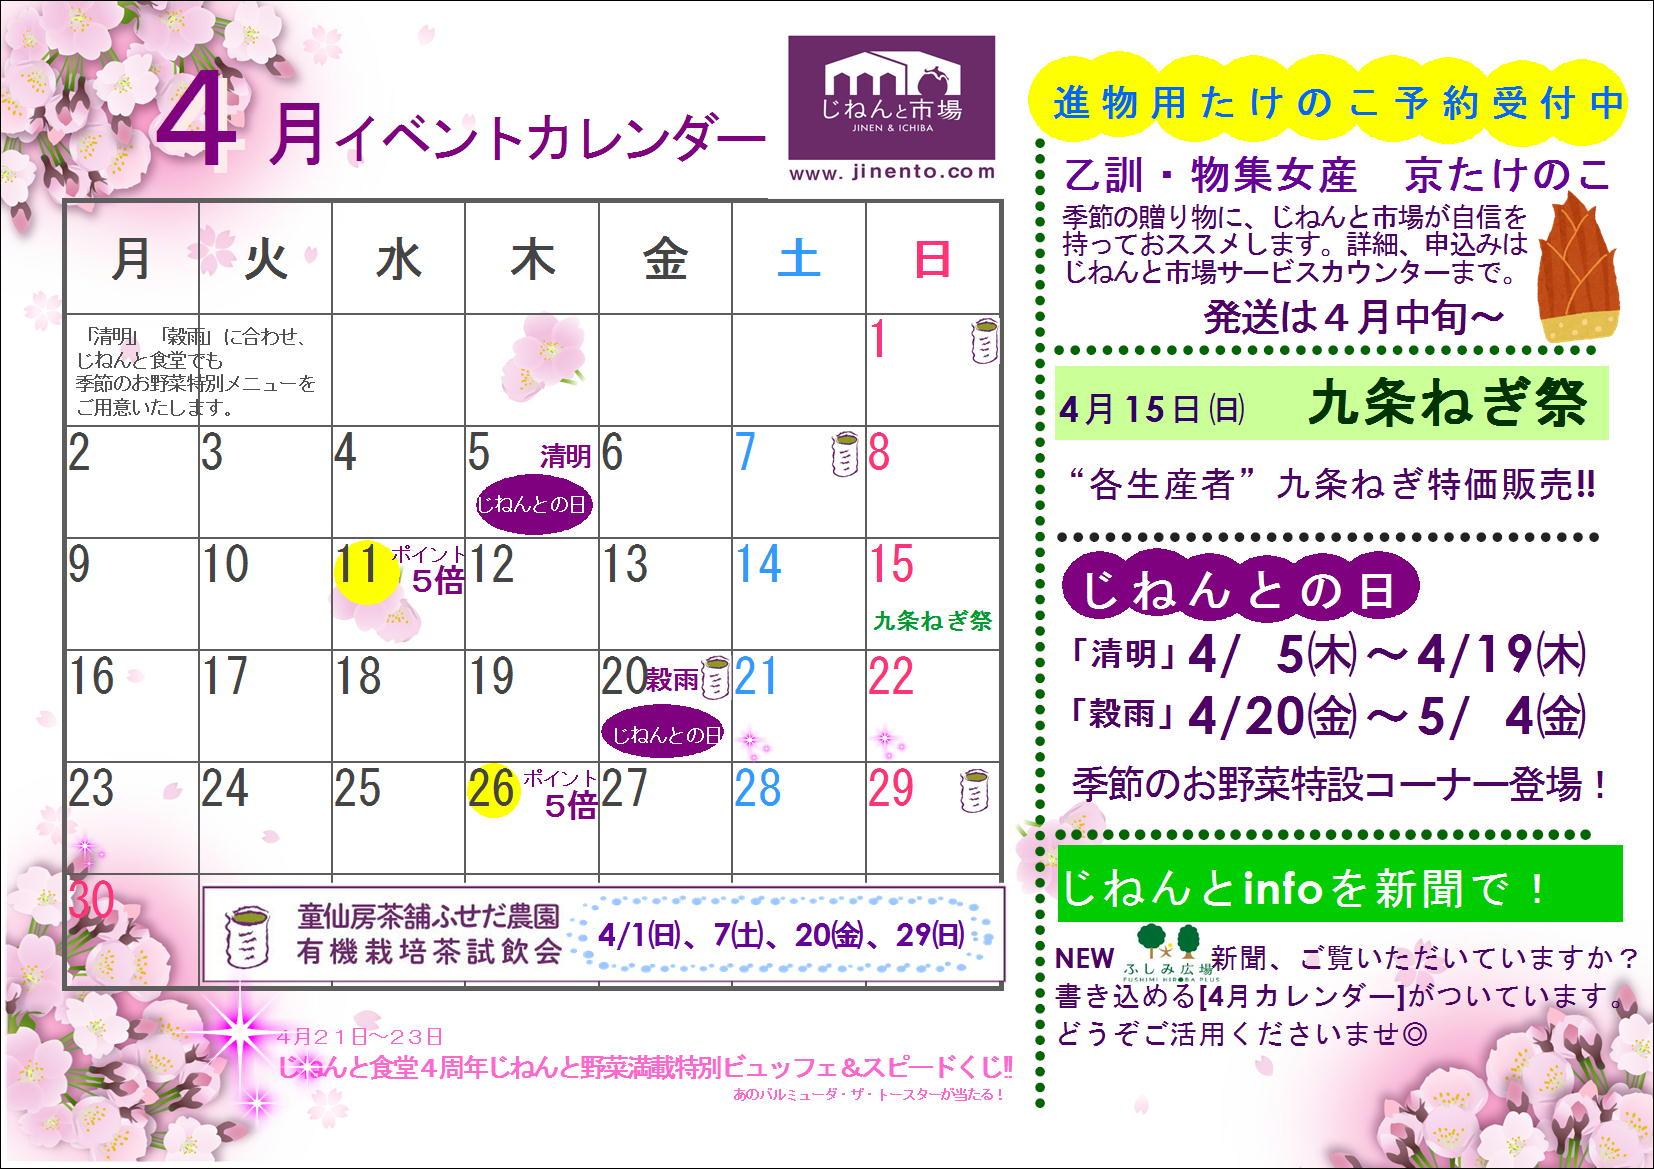 2018年4月イベントカレンダー